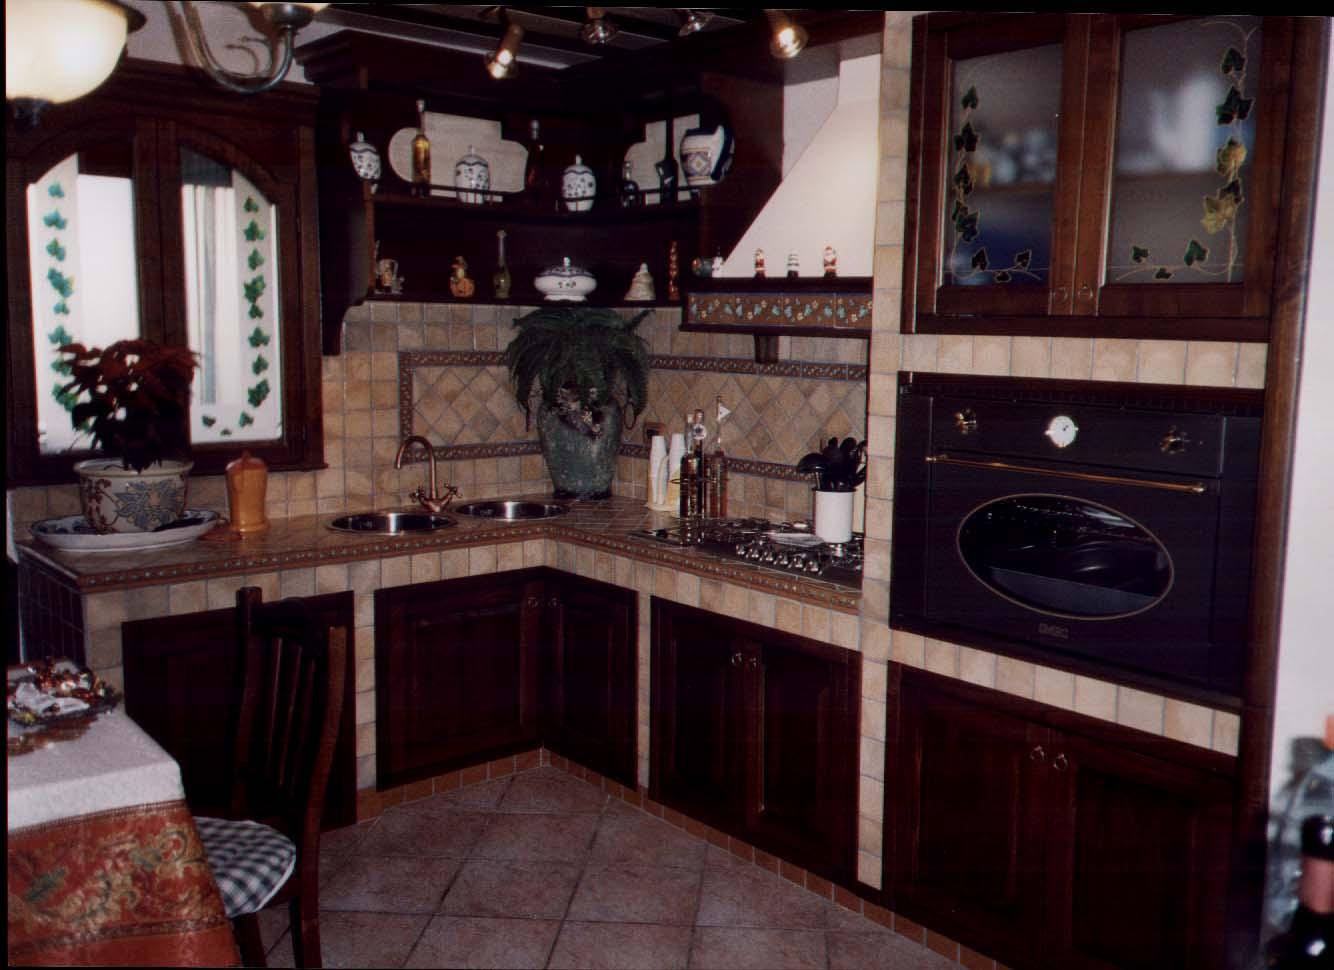 cucine per tavernetta : ... Per Cucina : Lampadari rustici per cucina. Lampadari rustici per